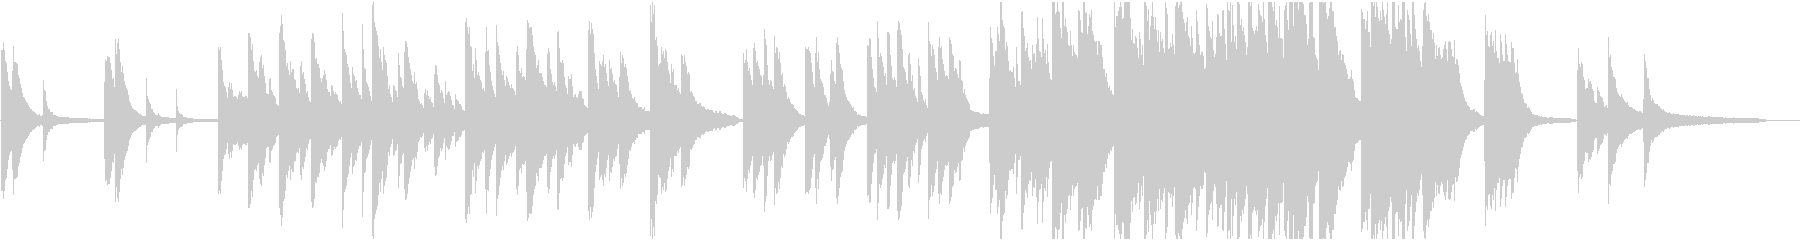 企業VP18 16bit44kHzVerの未再生の波形